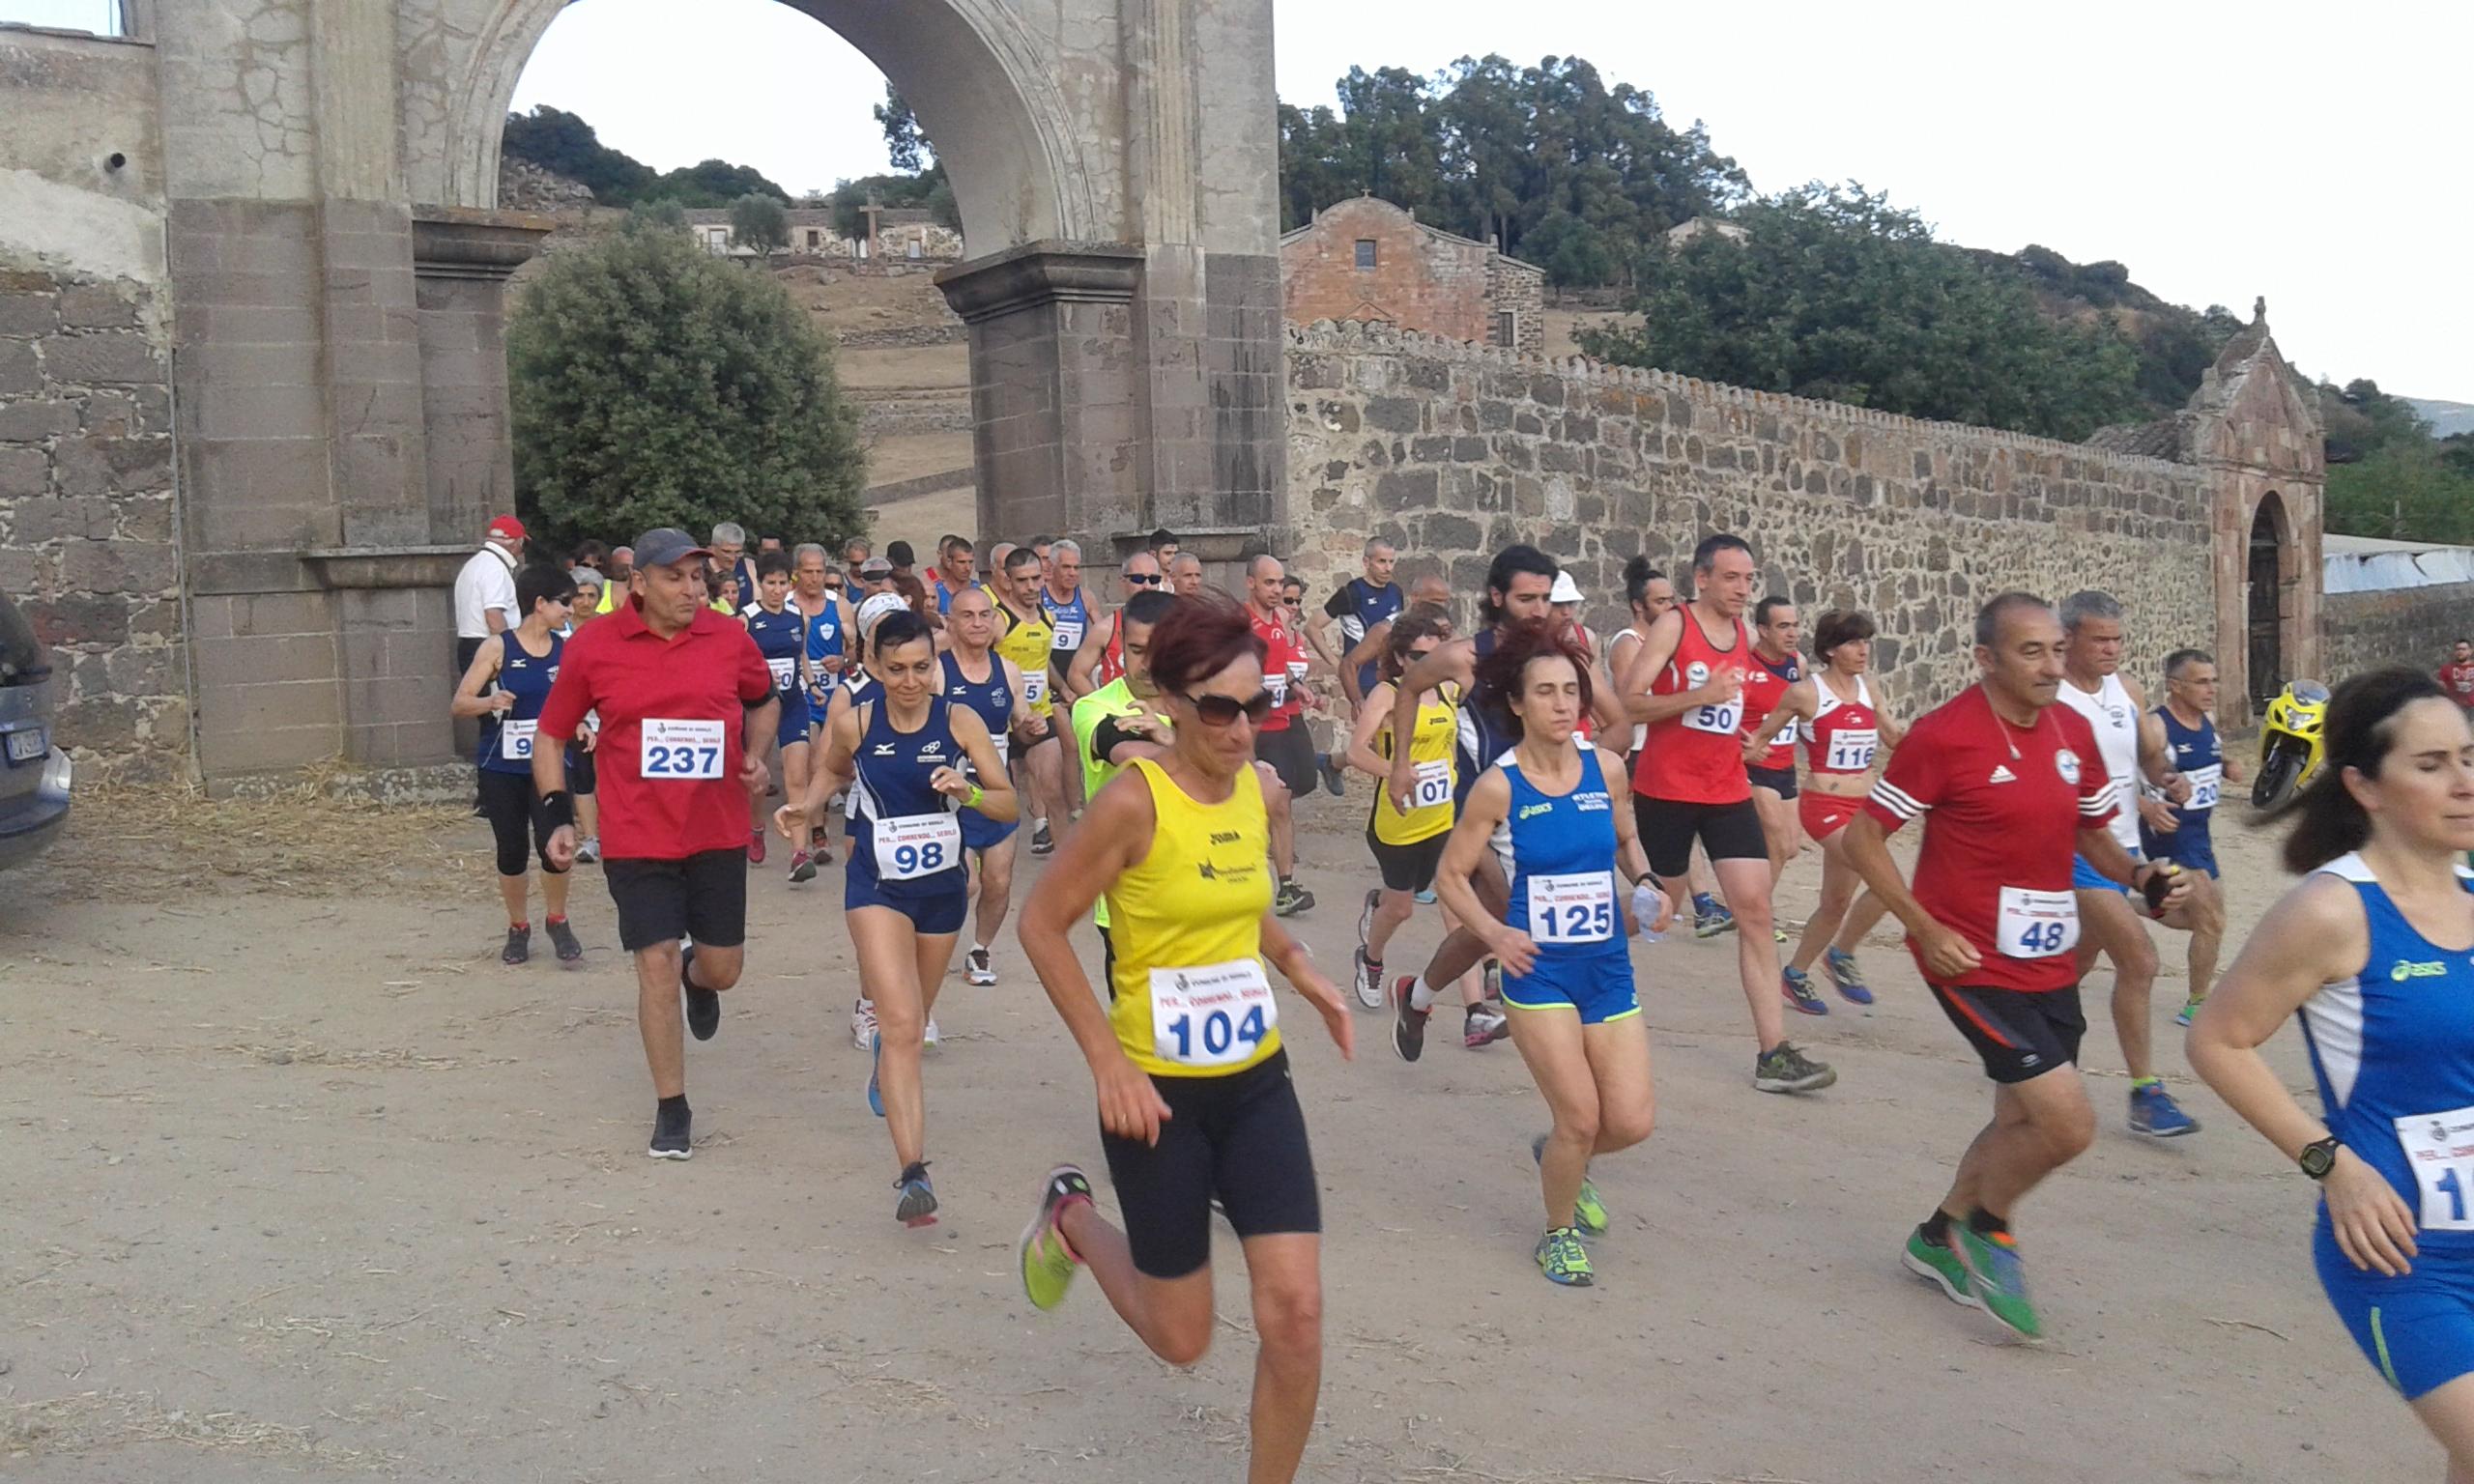 Giro podistico Per...correndo Sedilo